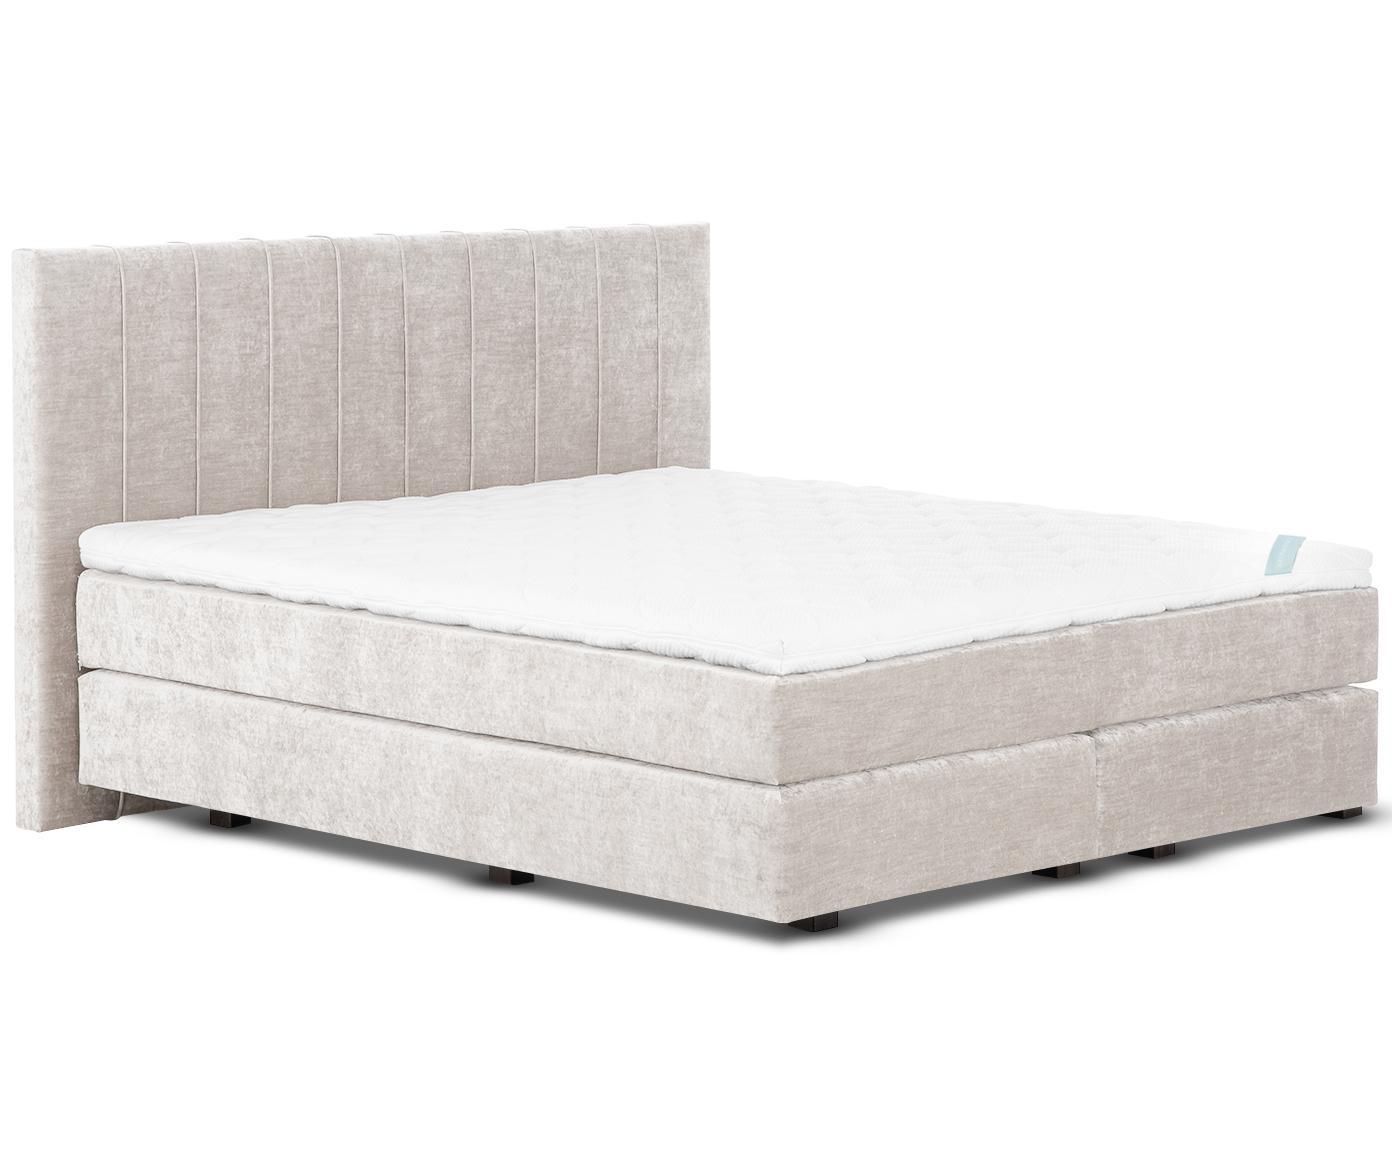 Łóżko kontynentalne z aksamitu premium Lacey, Nogi: lite drewno bukowe, lakie, Beżowy, 140 x 200 cm